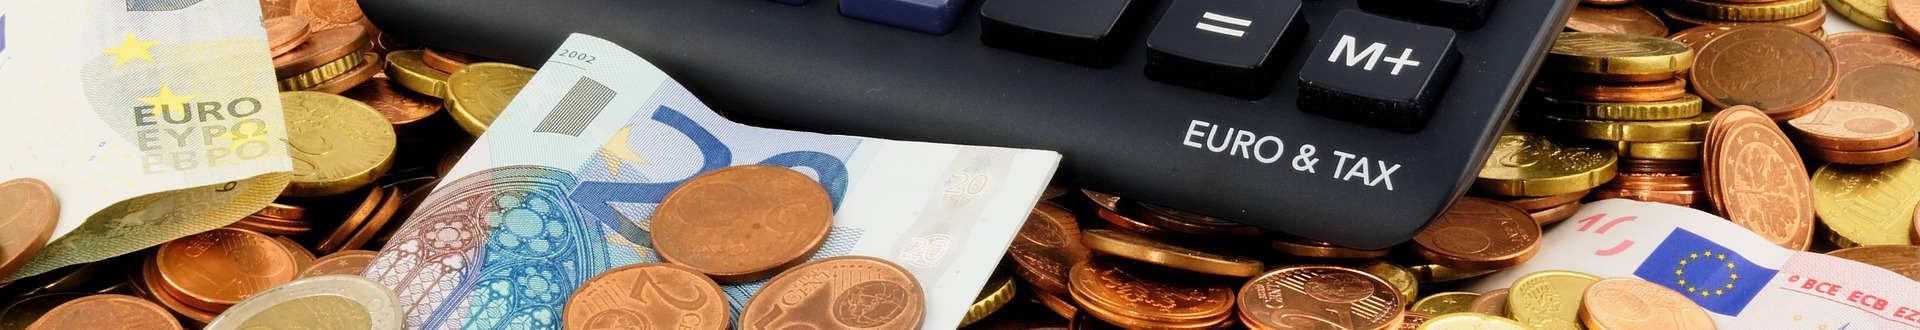 Antrag darlehen - Wenn das Geld knapp wird: Antrag auf Hartz IV-Darlehen online erstellen